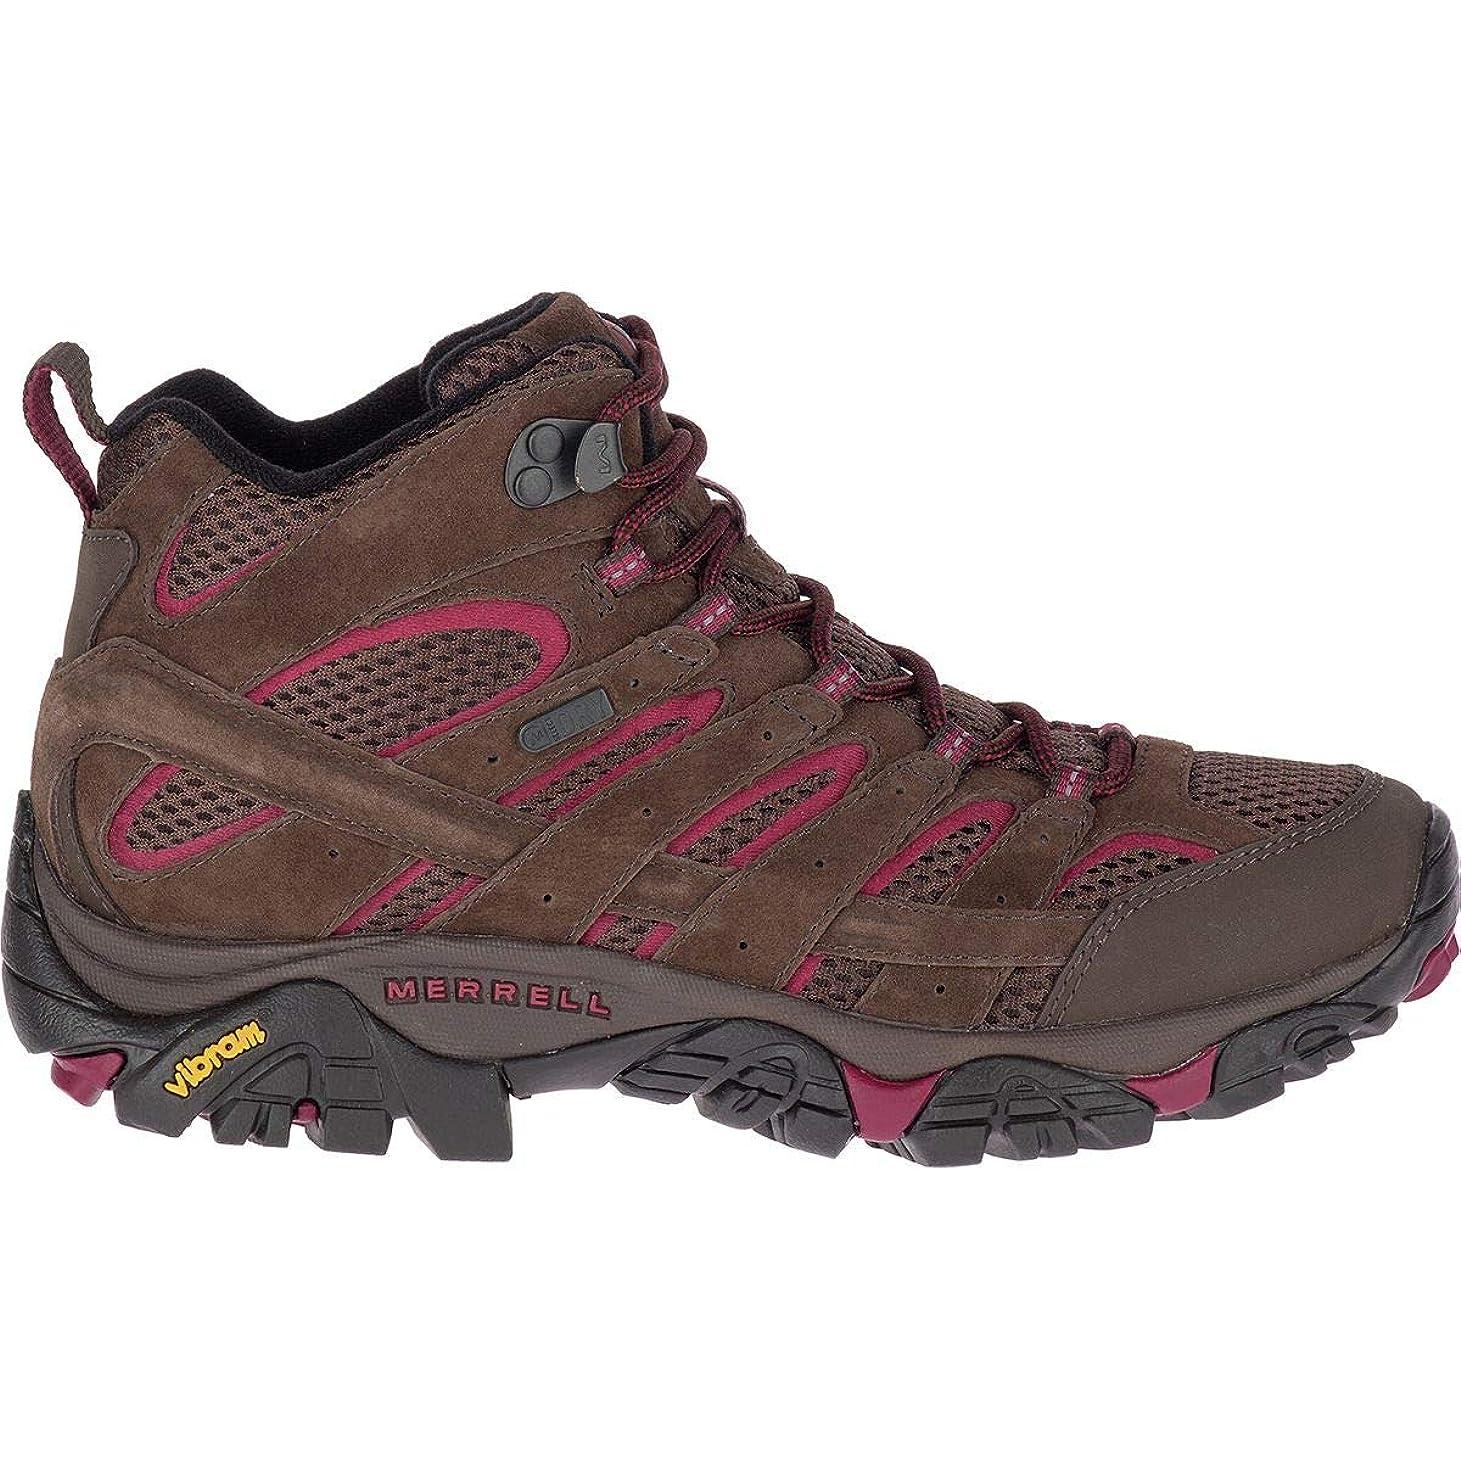 絶えずシロクマ本当のことを言うと[メレル] Moab 2 Mid Waterproof Hiking Boot レディース ブーツ [並行輸入品]